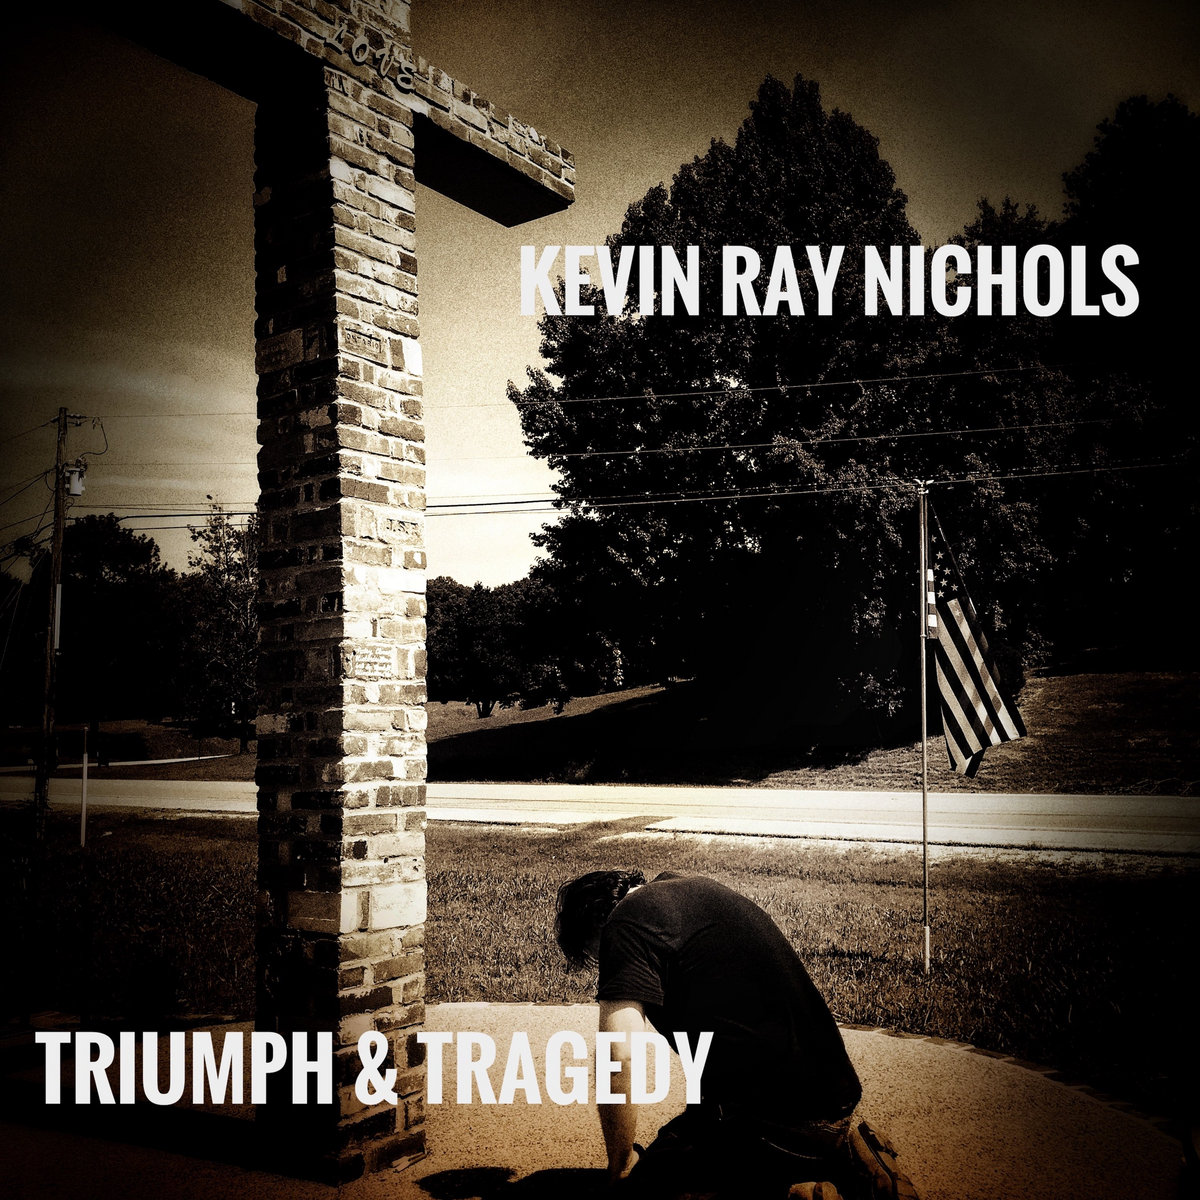 Triumph & Tragedy by Kevin Ray Nichols